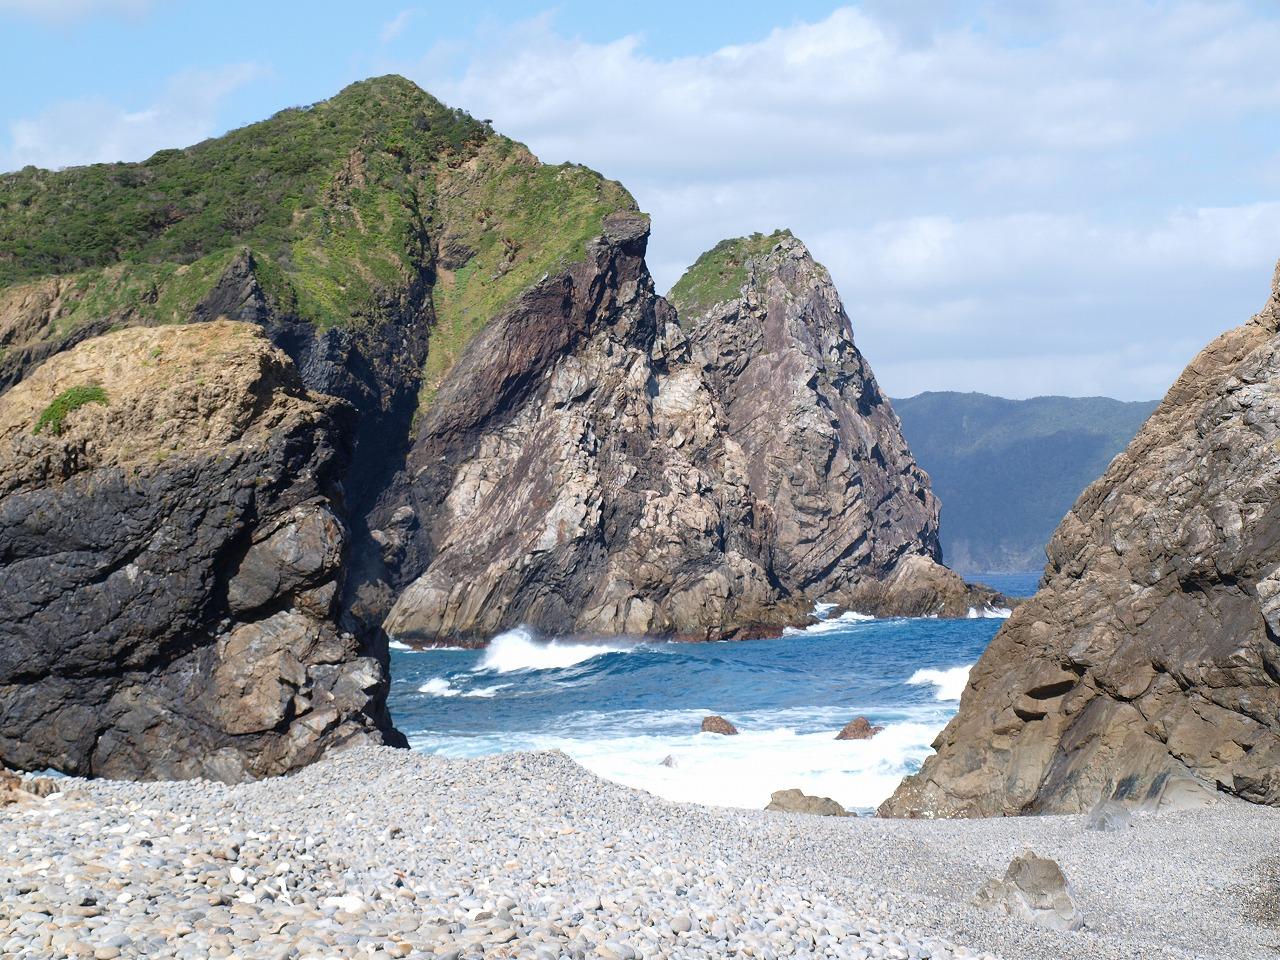 奄美大島南部観光&自然観察を楽しむ1日エコツアー(No.33)